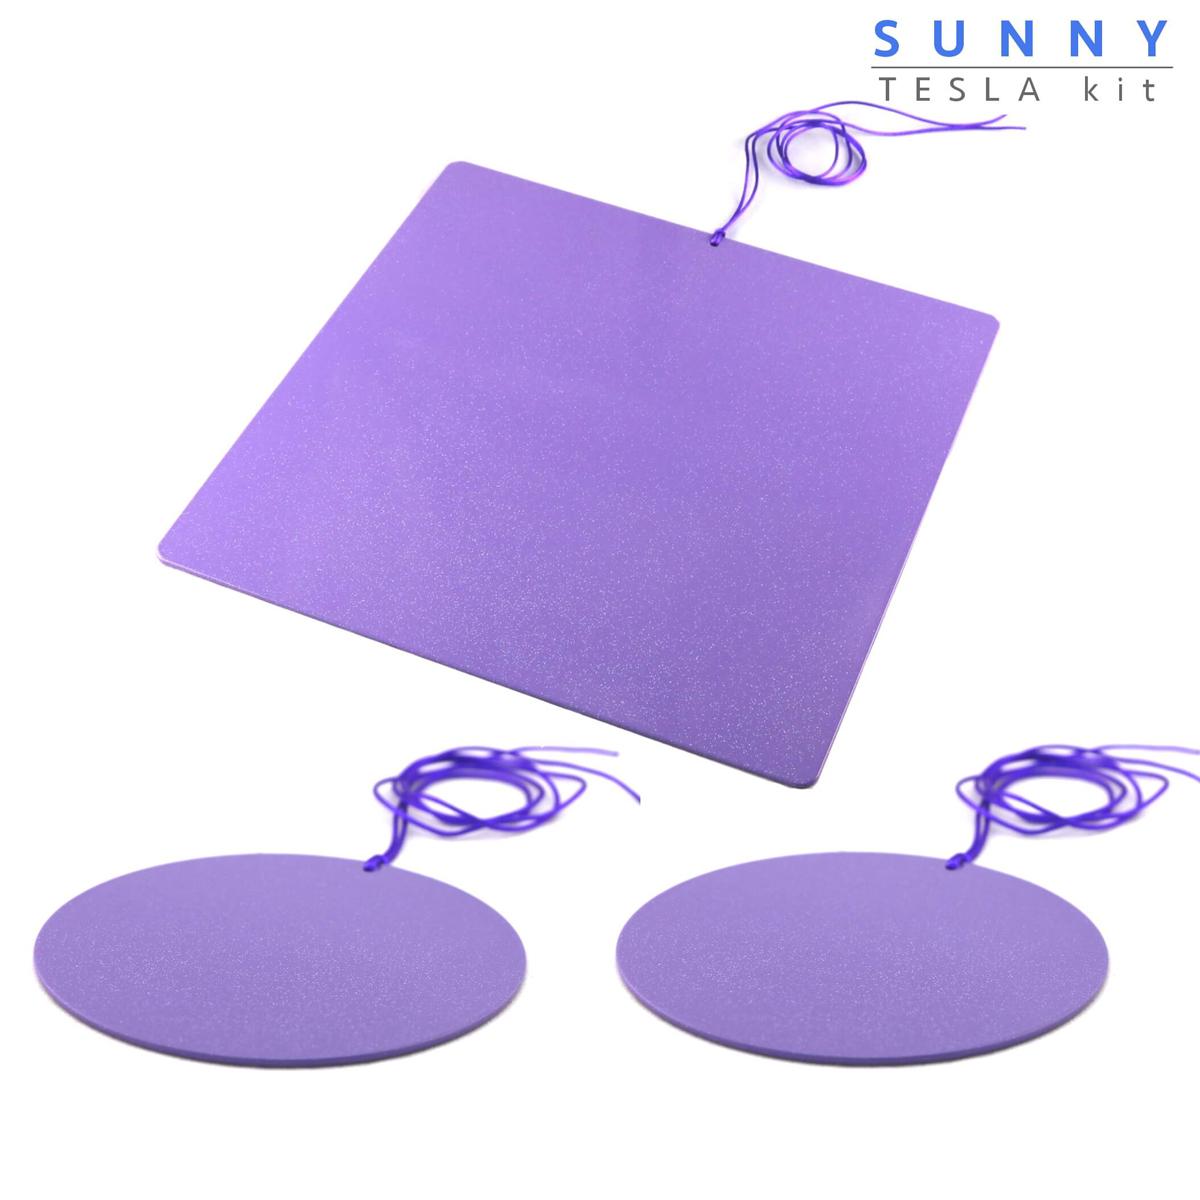 Piastre Di Tesla Funzionano sunny piastre di tesla purpuree - kit breakfast